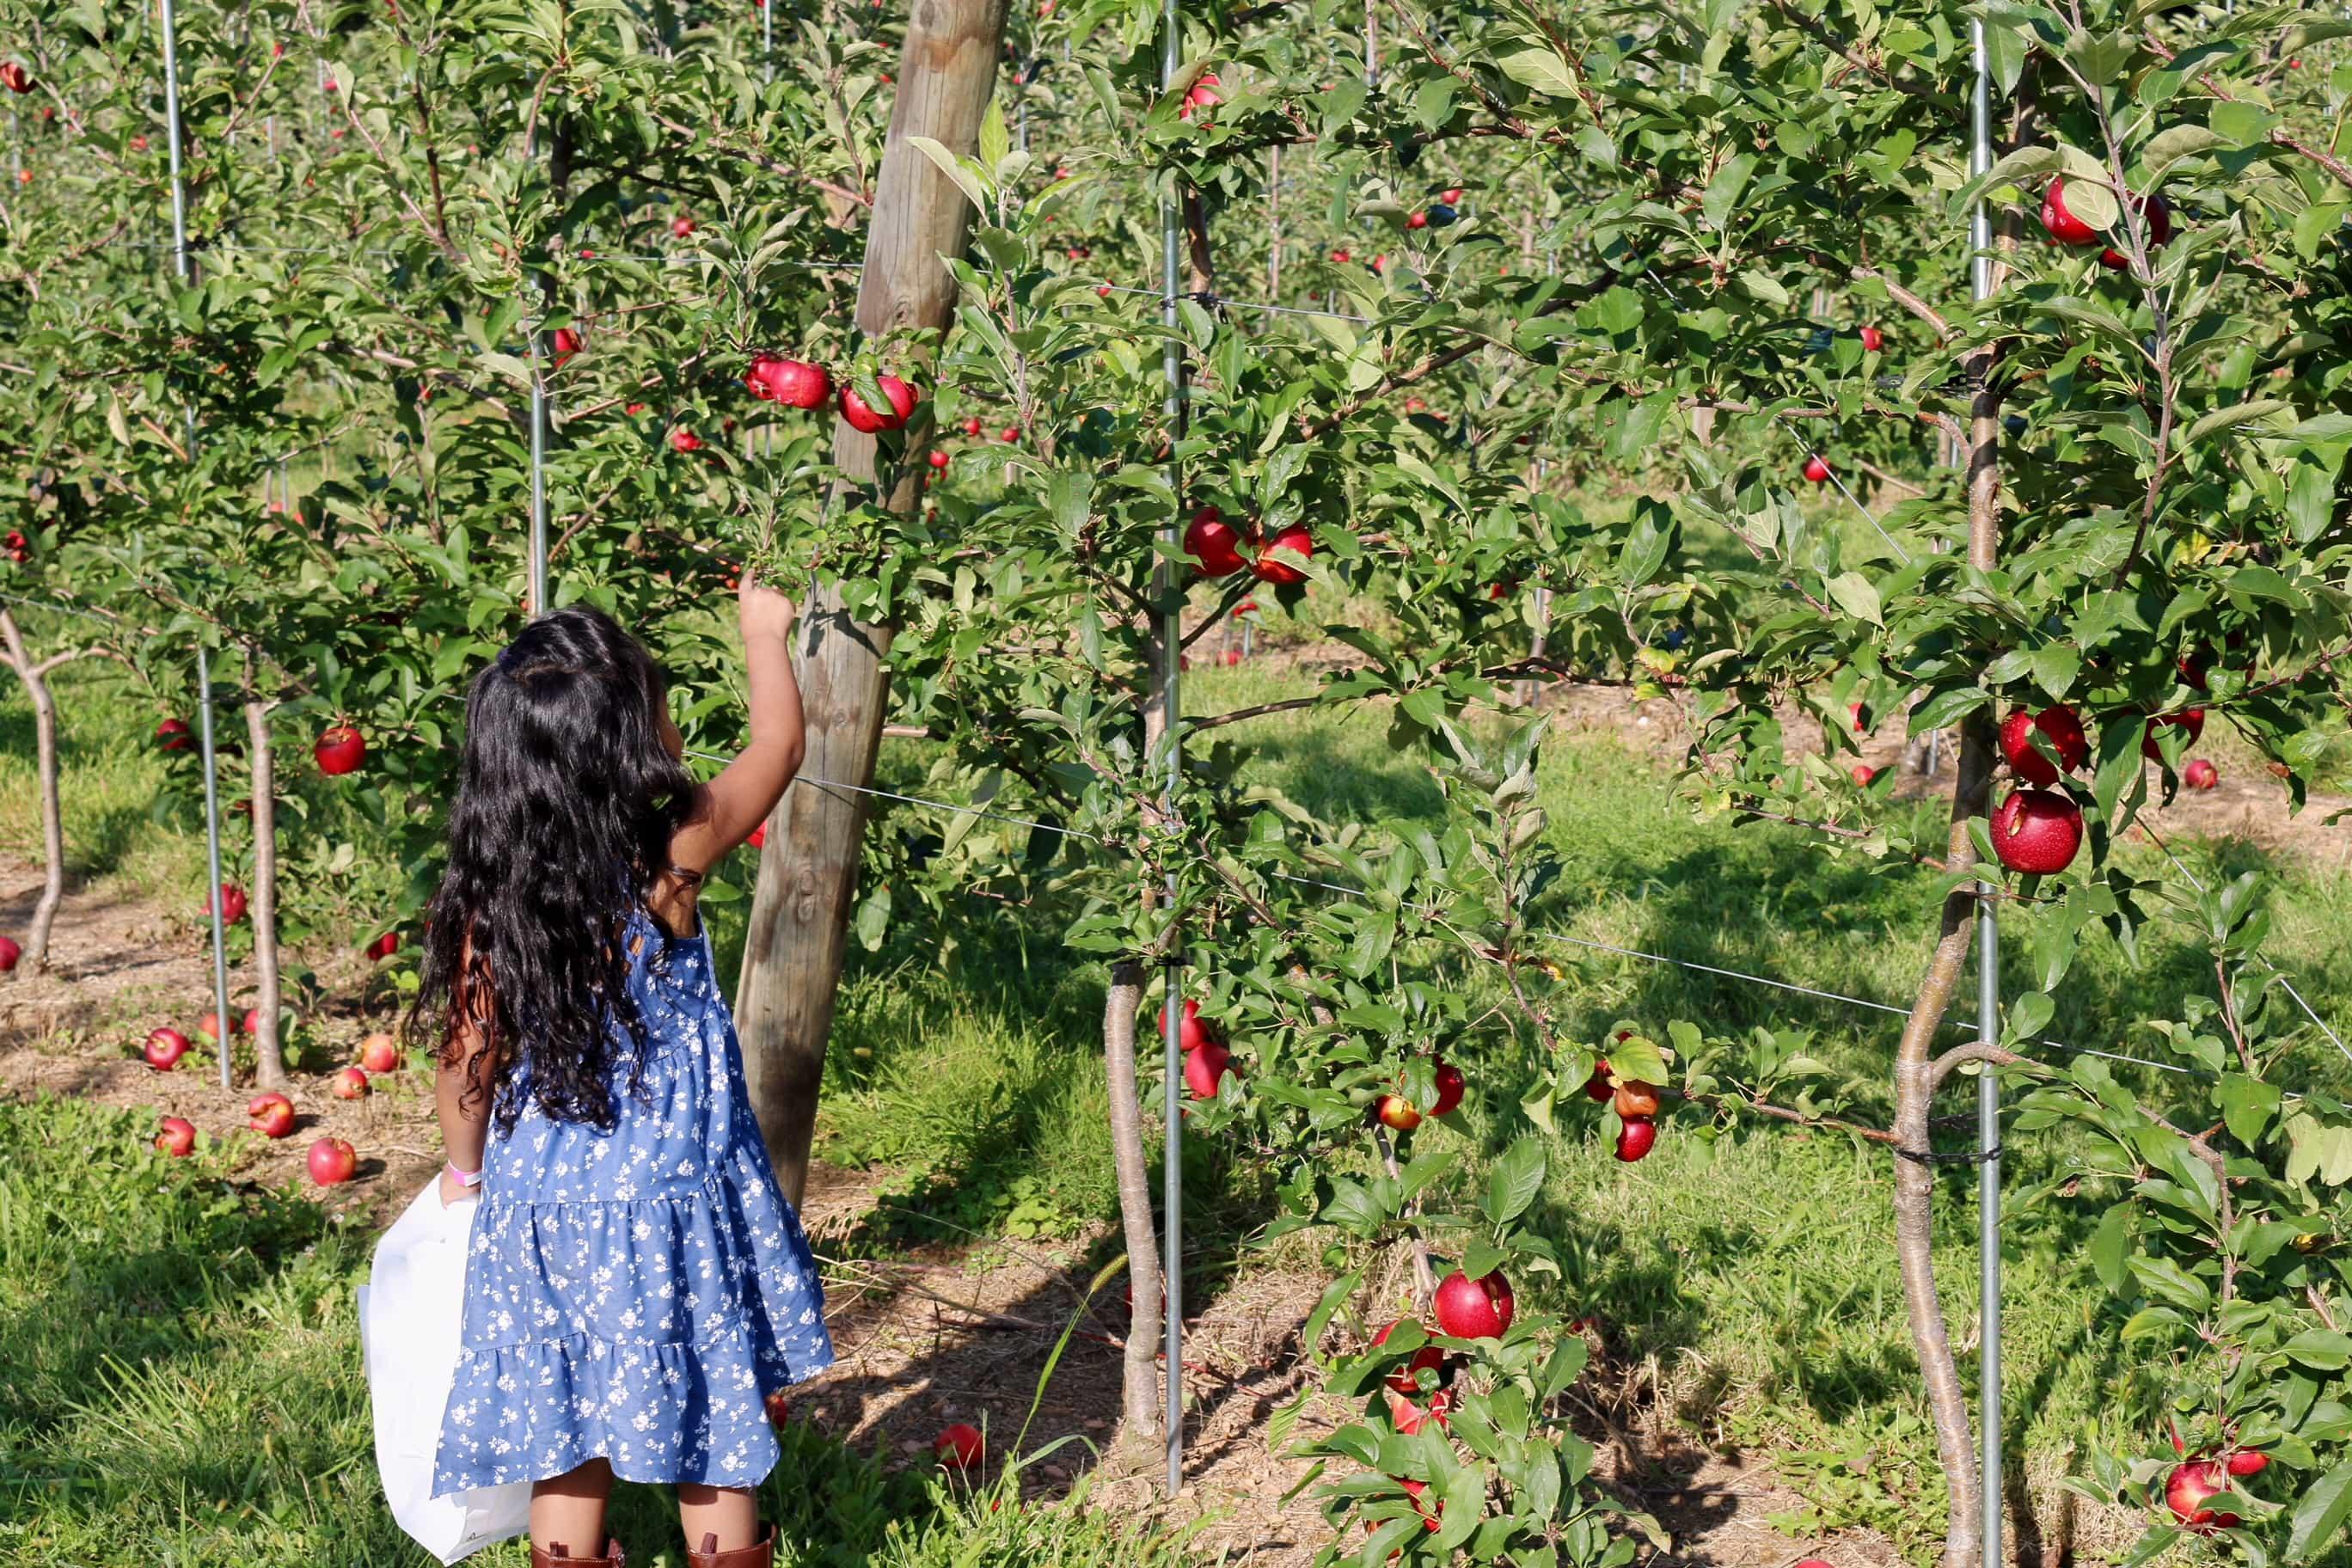 Enlight627 - Fin de Semana Recogiendo Manzanas